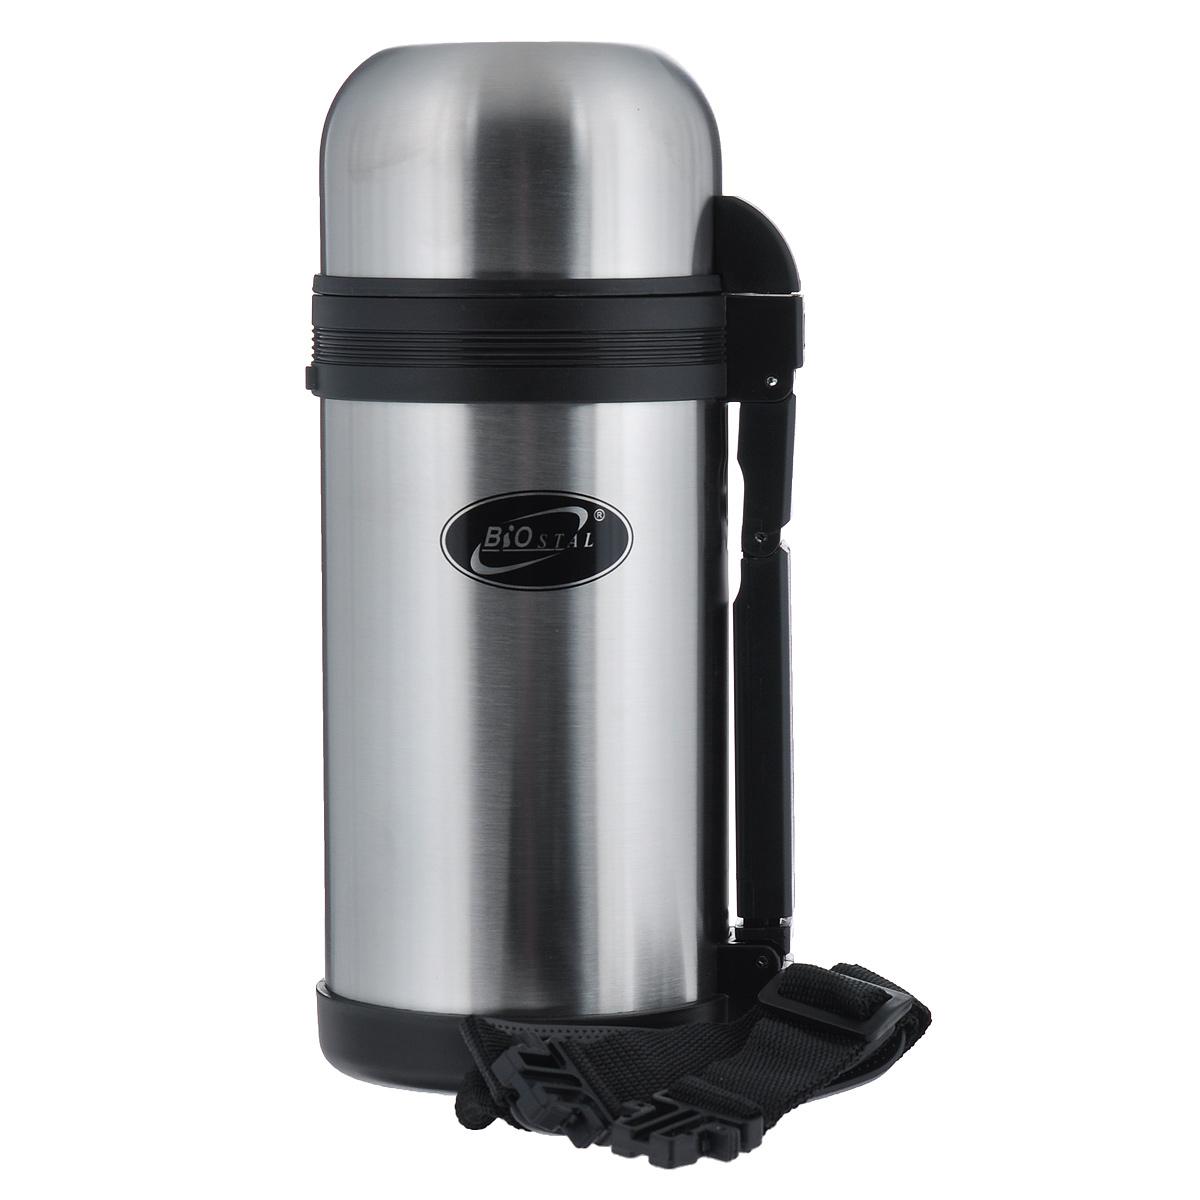 """Универсальный пищевой термос """"BIOSTAL"""", изготовленный из высококачественной нержавеющей стали, относится к классической серии. Термосы этой серии, являющейся лидером продаж, просты в использовании, экономичны и многофункциональны. Универсальный термос выполняет функции термоса для еды (первого или второго) и термоса для напитков (кофе, чая). Это достигается благодаря специальной универсальной пробке, которая изготовлена из прочного пластика, легко разбирается для мытья и, обладая дополнительной теплоизоляцией, позволяет термосу дольше хранить тепло. Конструкция пробки позволяет использовать термос, как для напитков, так и для первых и вторых блюд. Изделие оснащено удобной ручкой, ремешком для переноски, крышкой-чашкой и дополнительной пластиковой чашкой.  Легкий и прочный термос """"BIOSTAL"""" сохранит ваши напитки и продукты горячими или холодными надолго."""